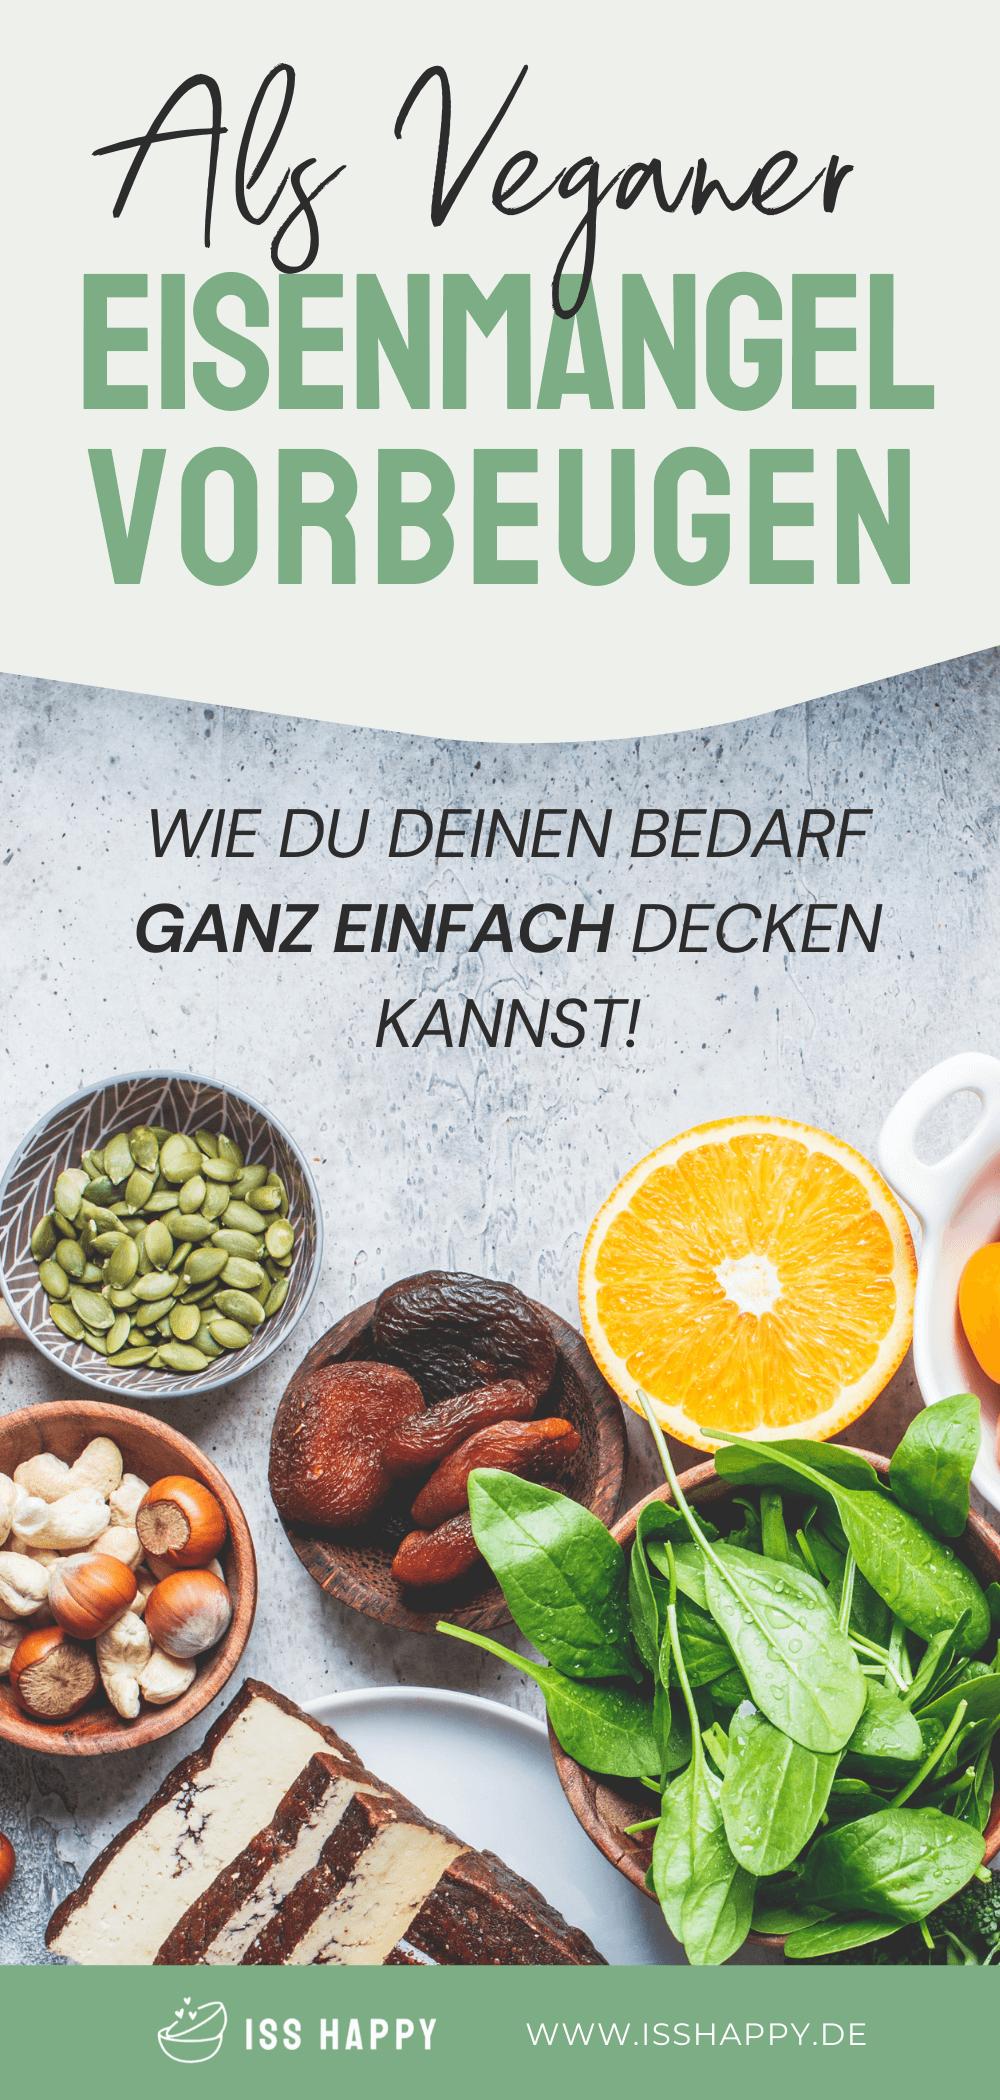 Eisenmangel-bei-veganer-Ernaehrung-vorbeugen-Iss-Happy-